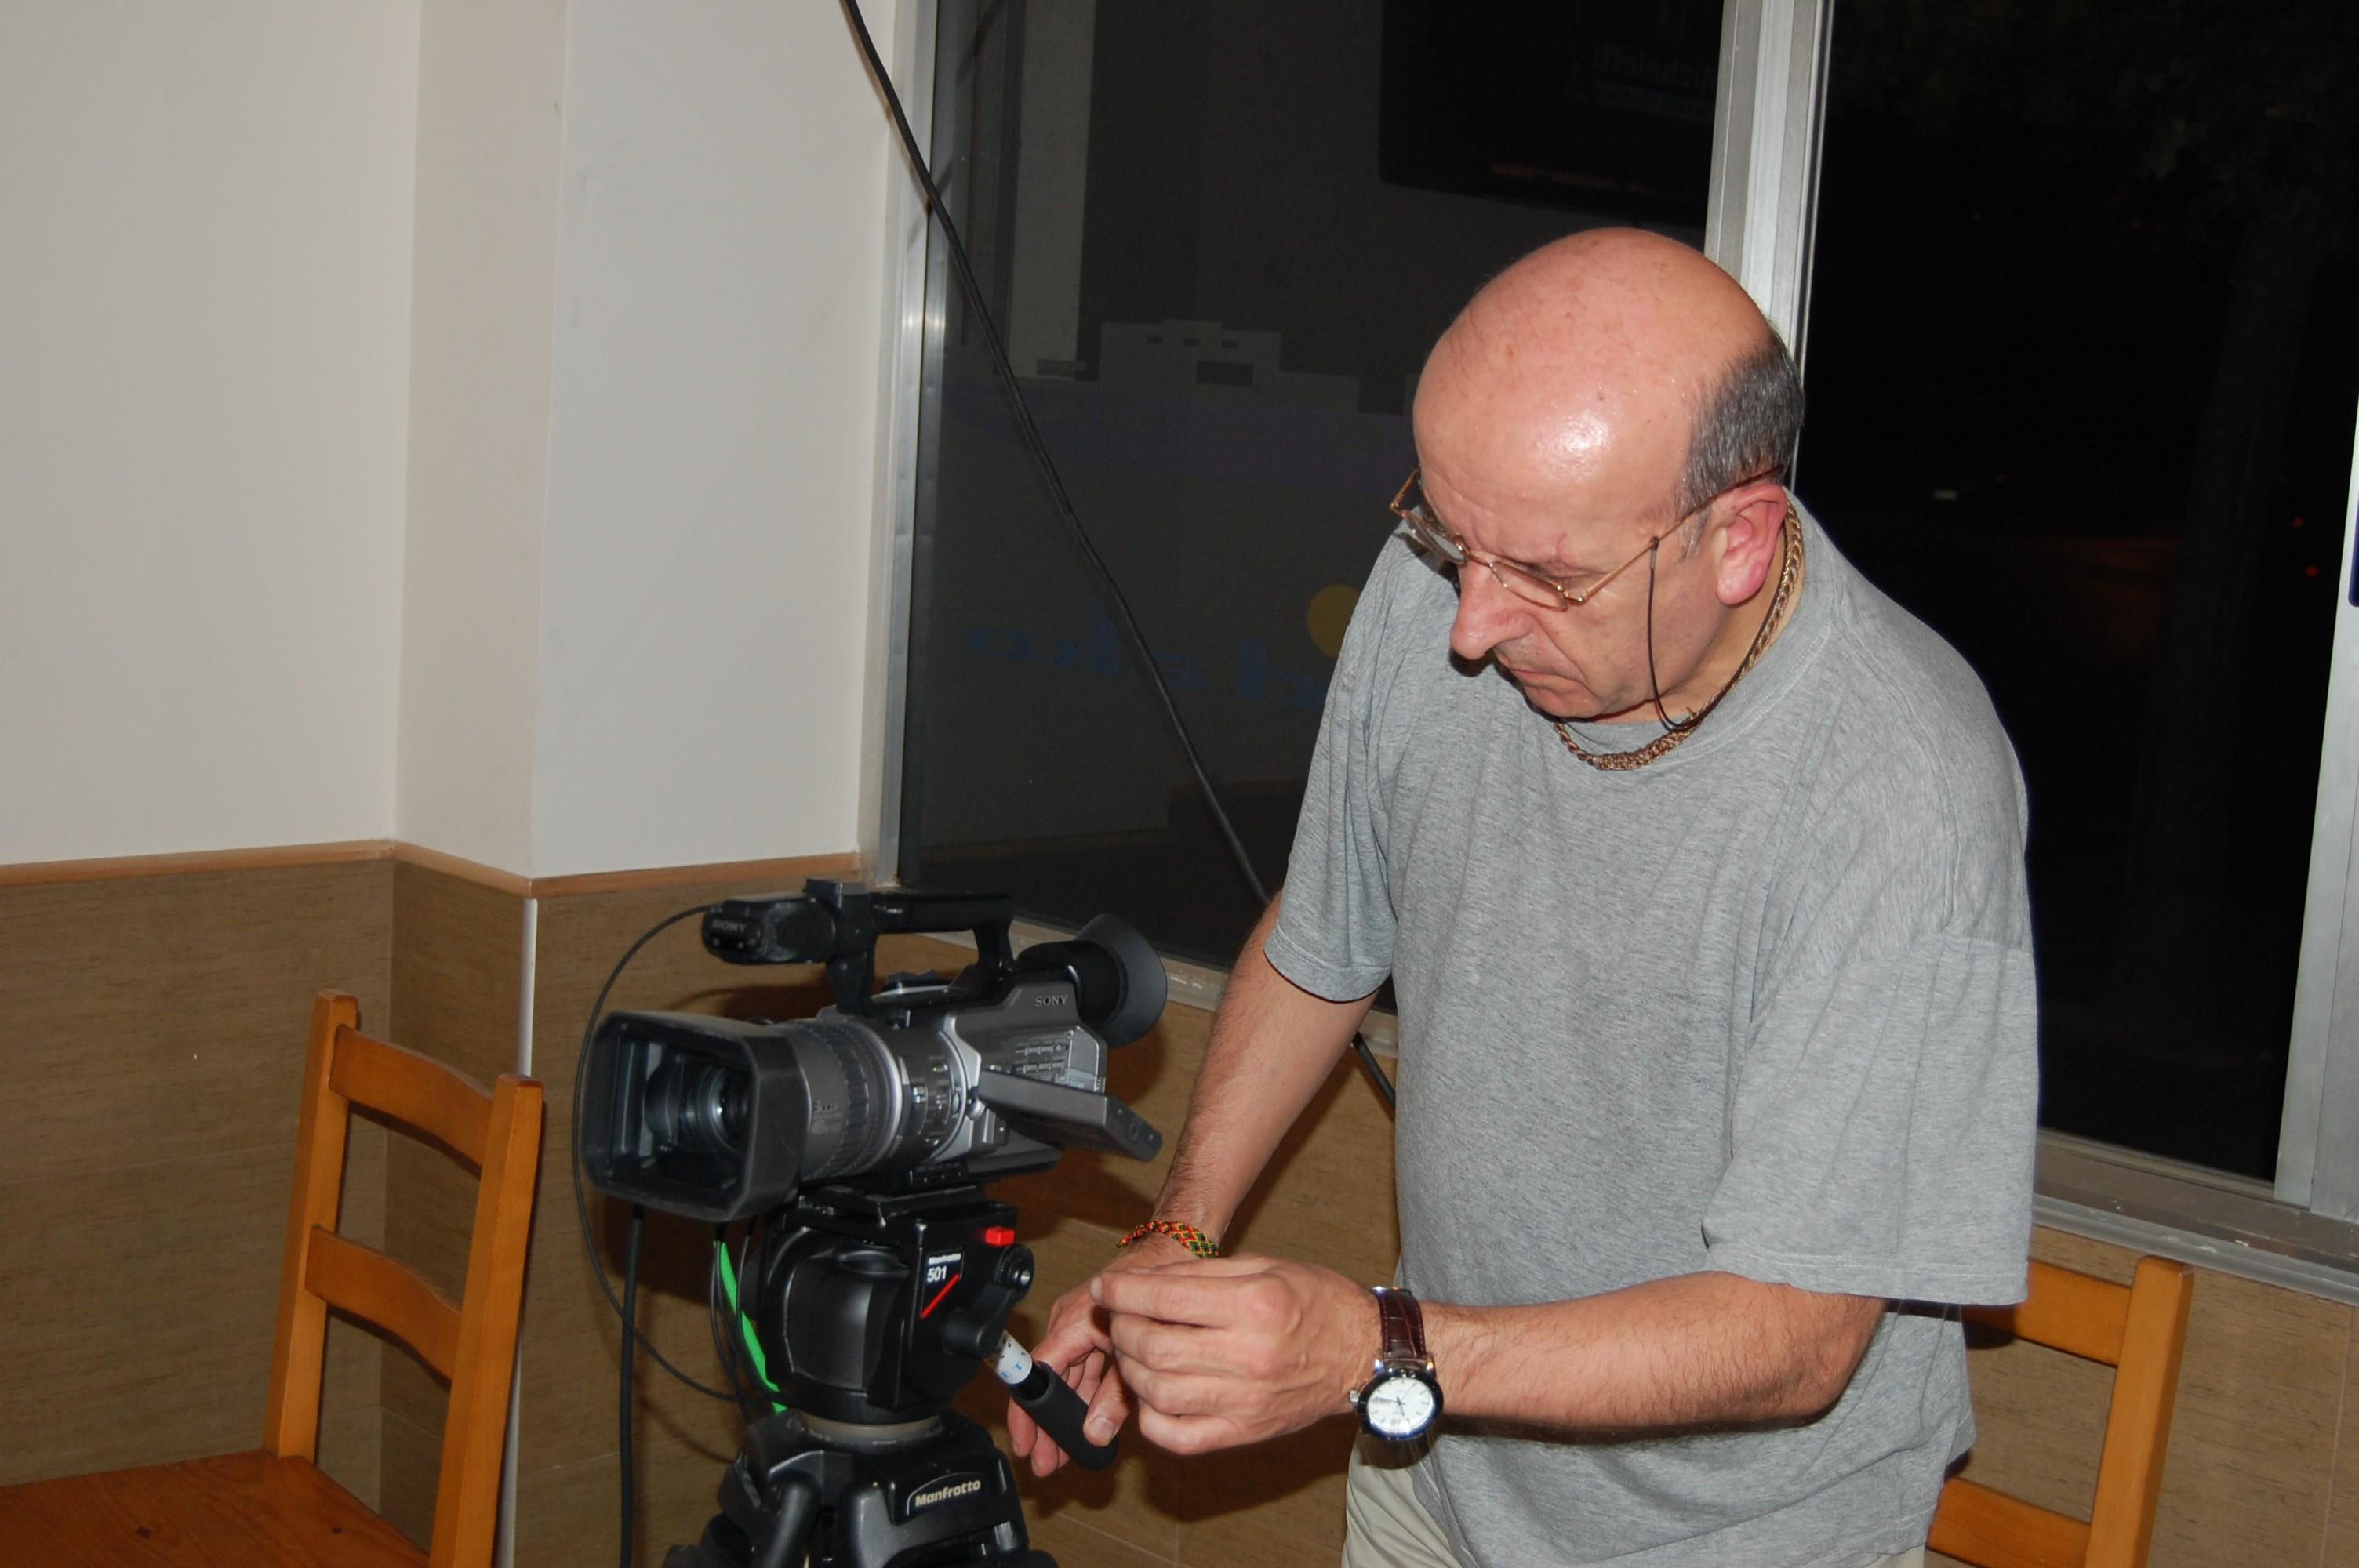 El cámara con la cámara.